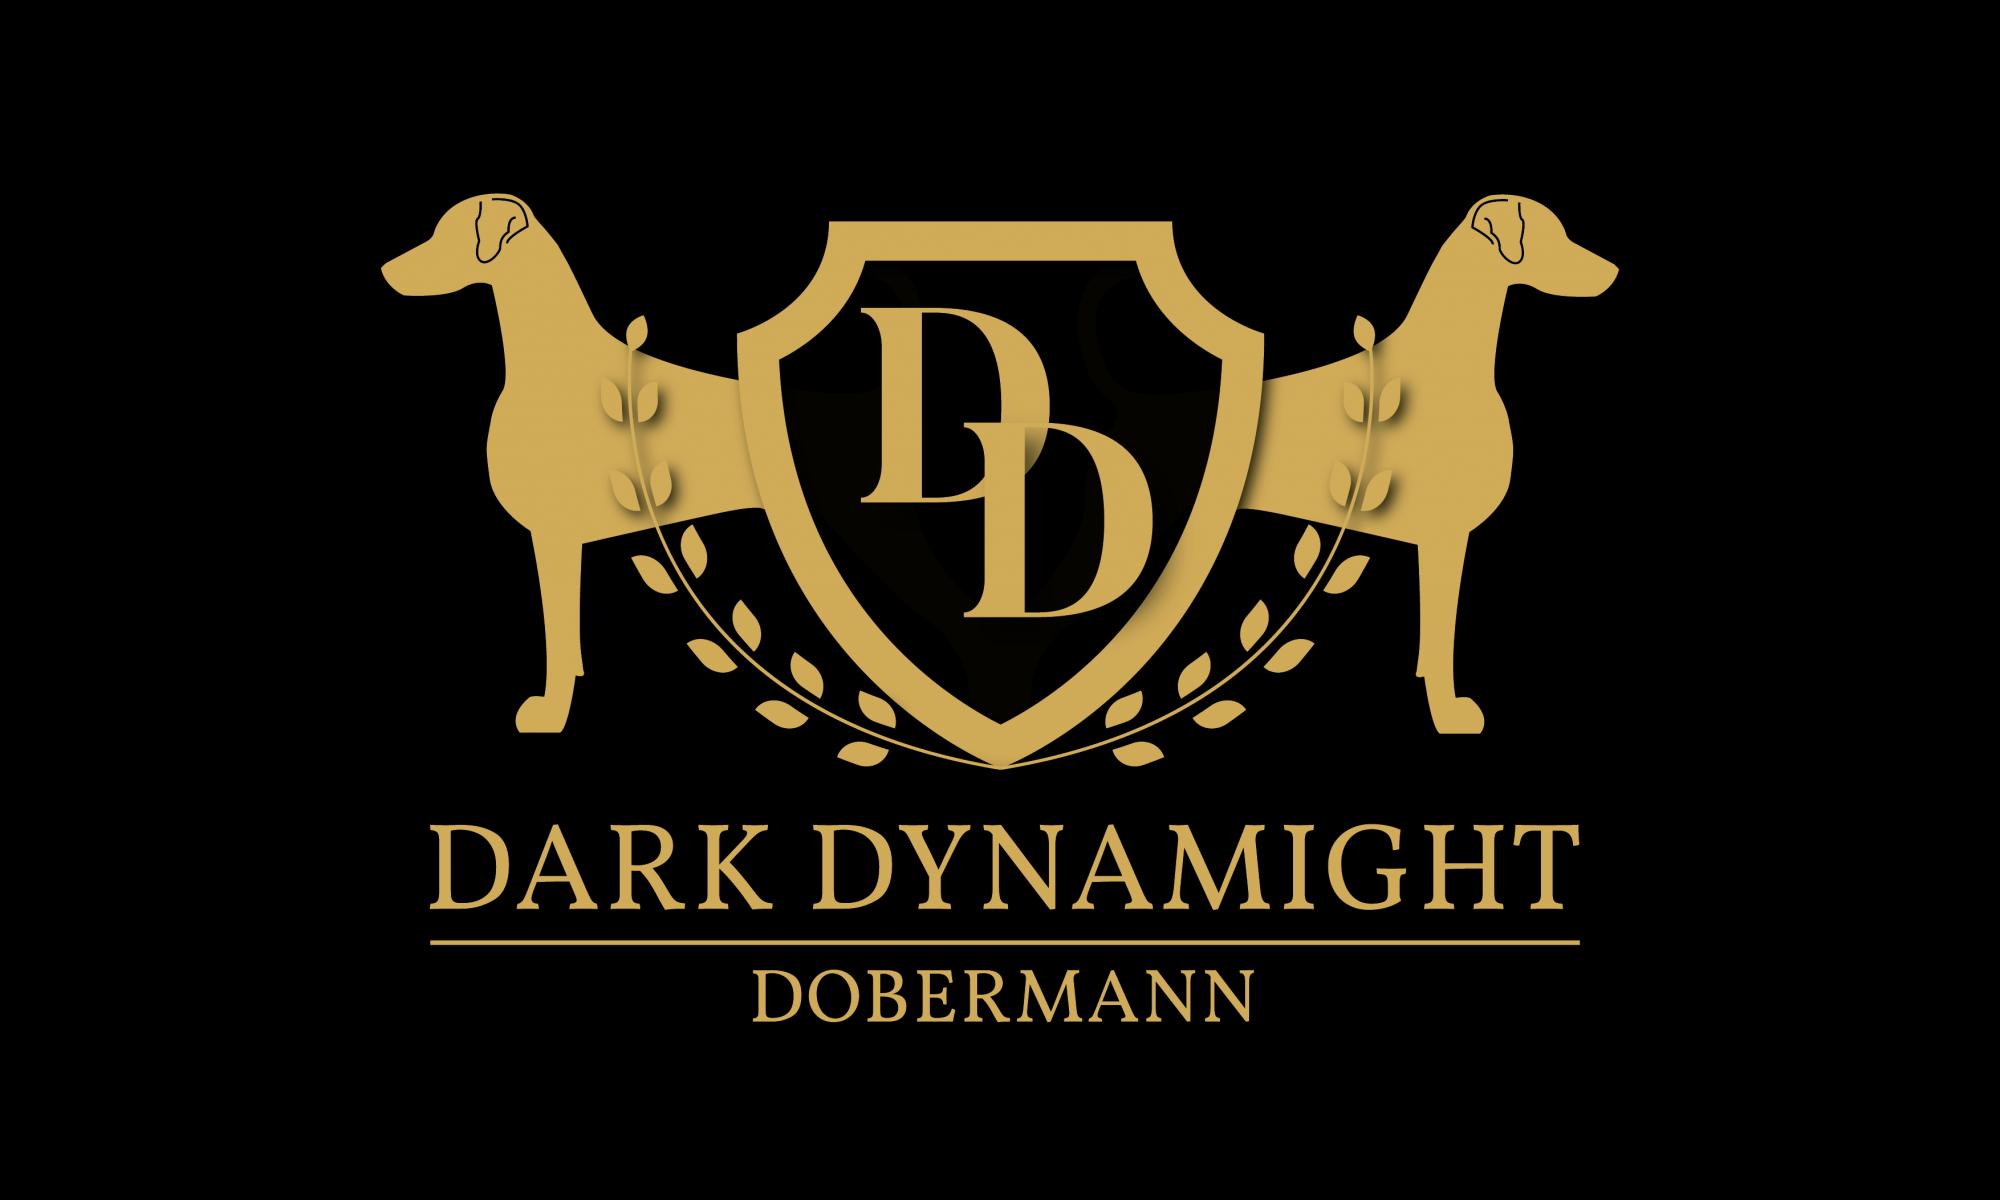 Dark Dynamight